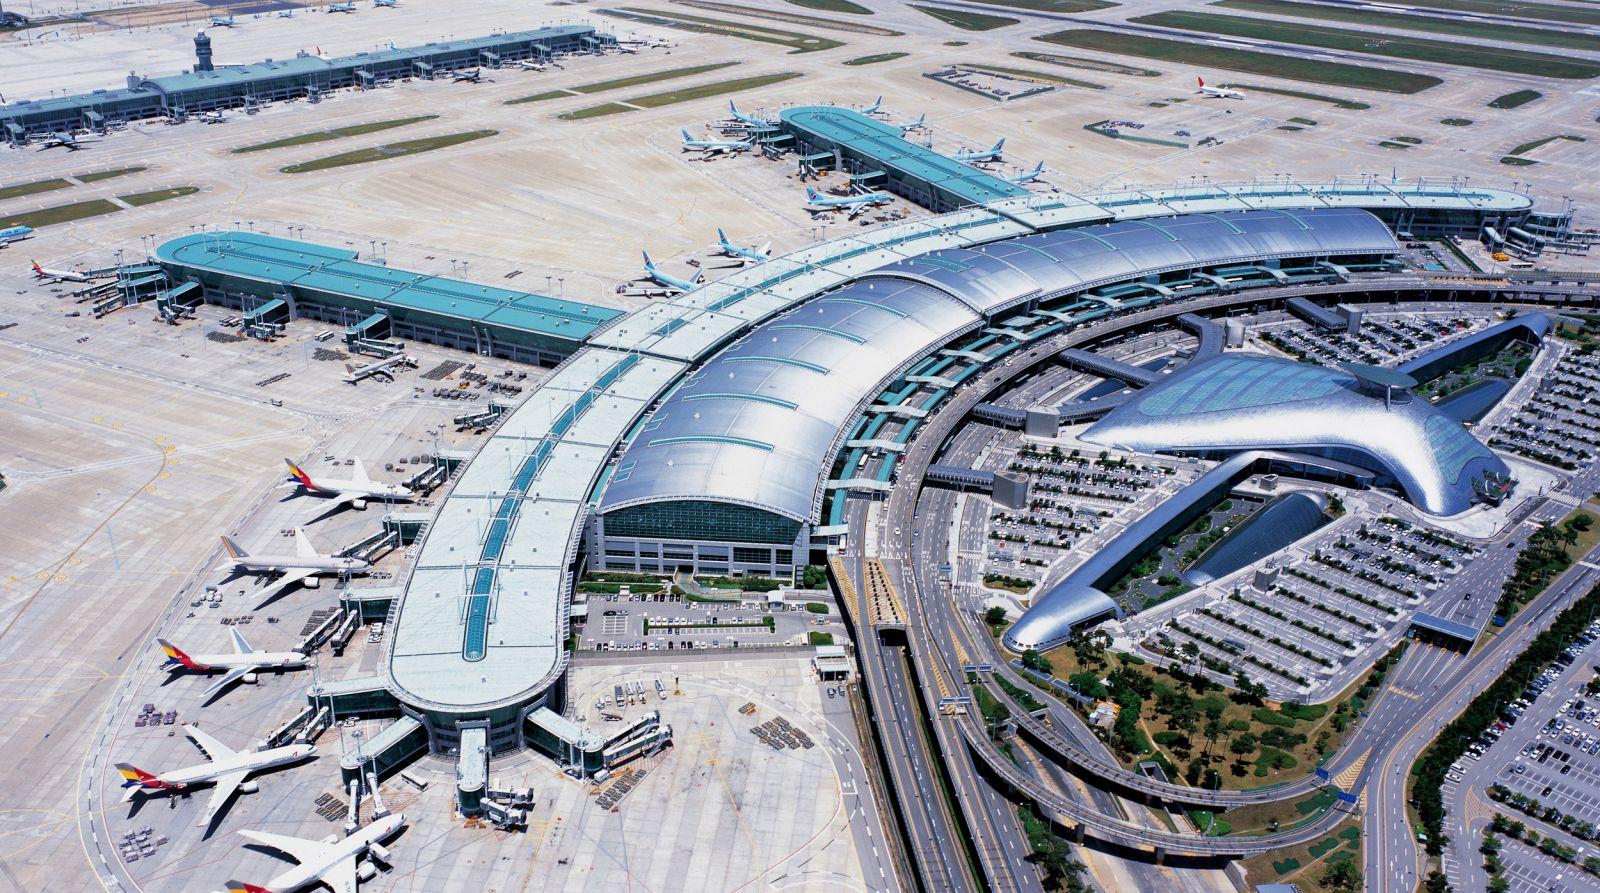 Топ 5 самых красивых аэропортов мира - фото №4